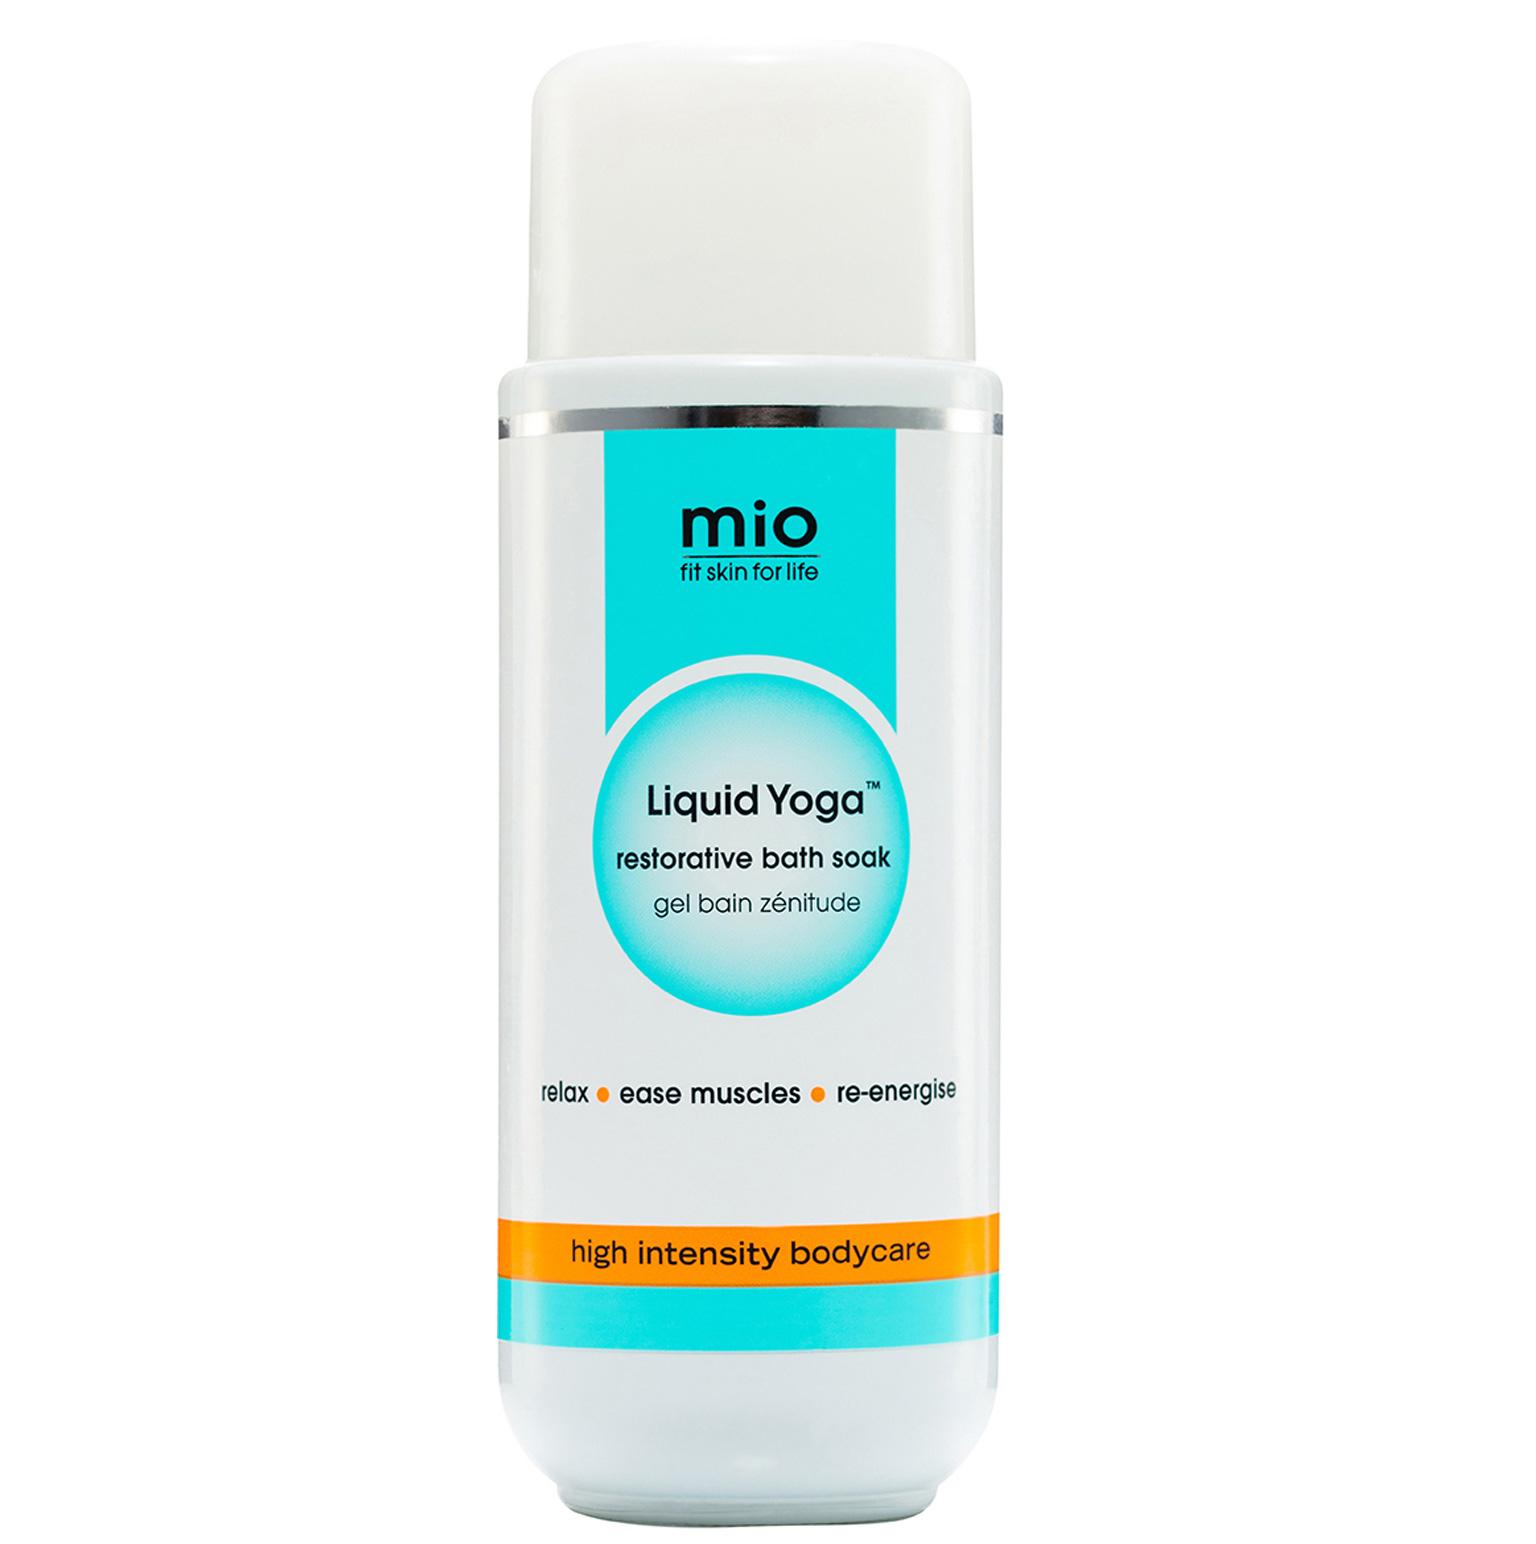 Mio Liquid Yoga